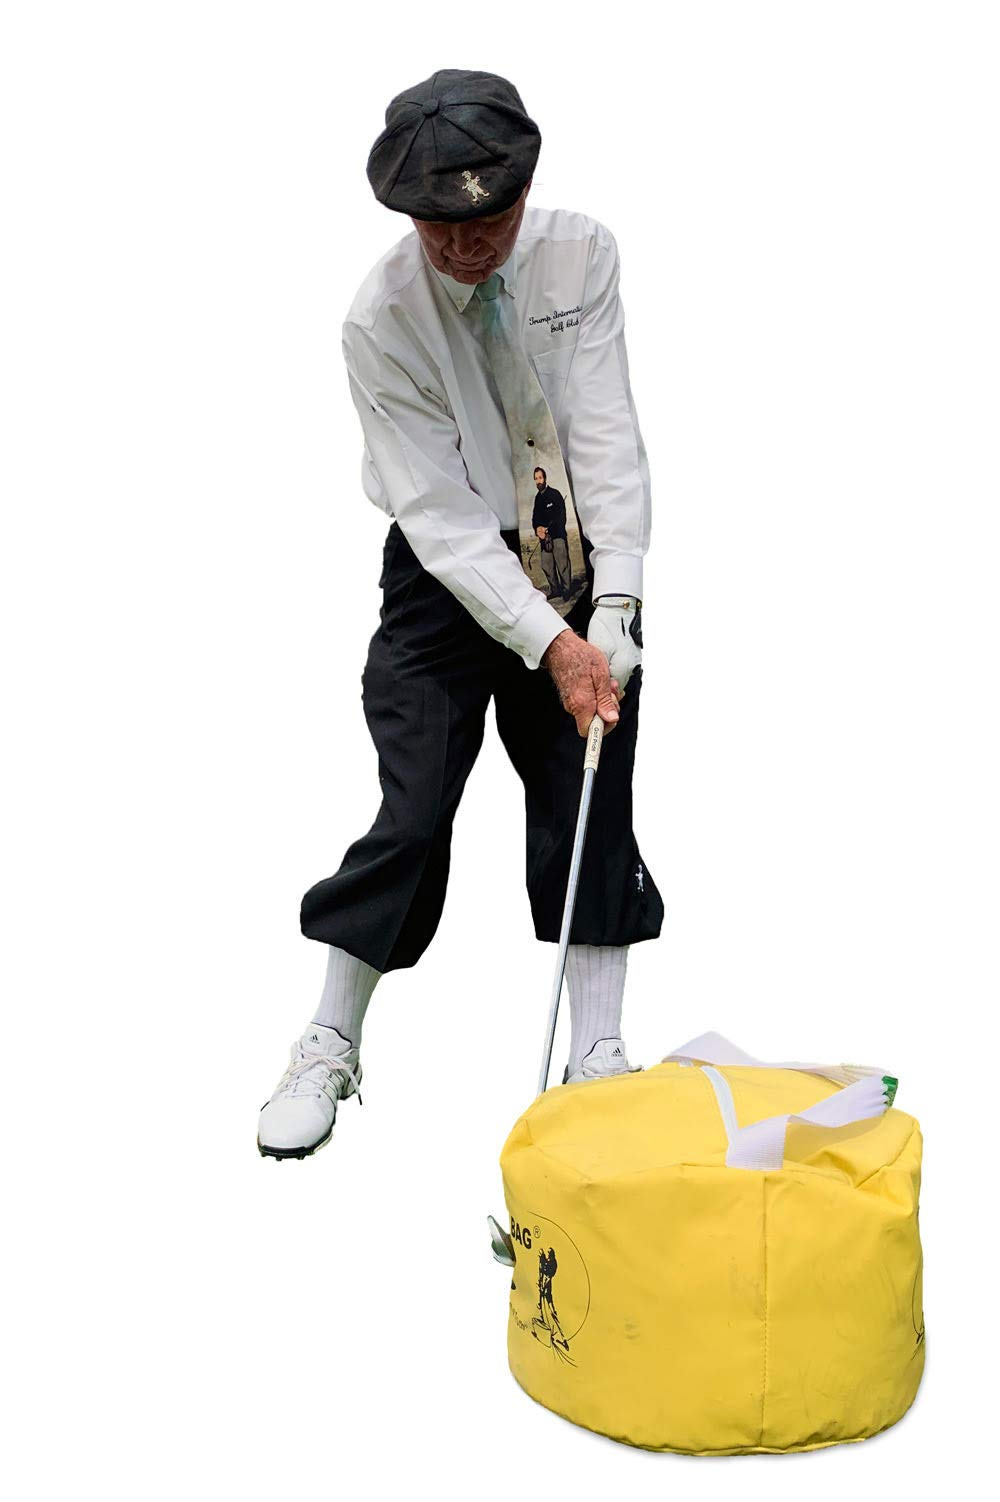 Gary Wiren Impact Bag Training